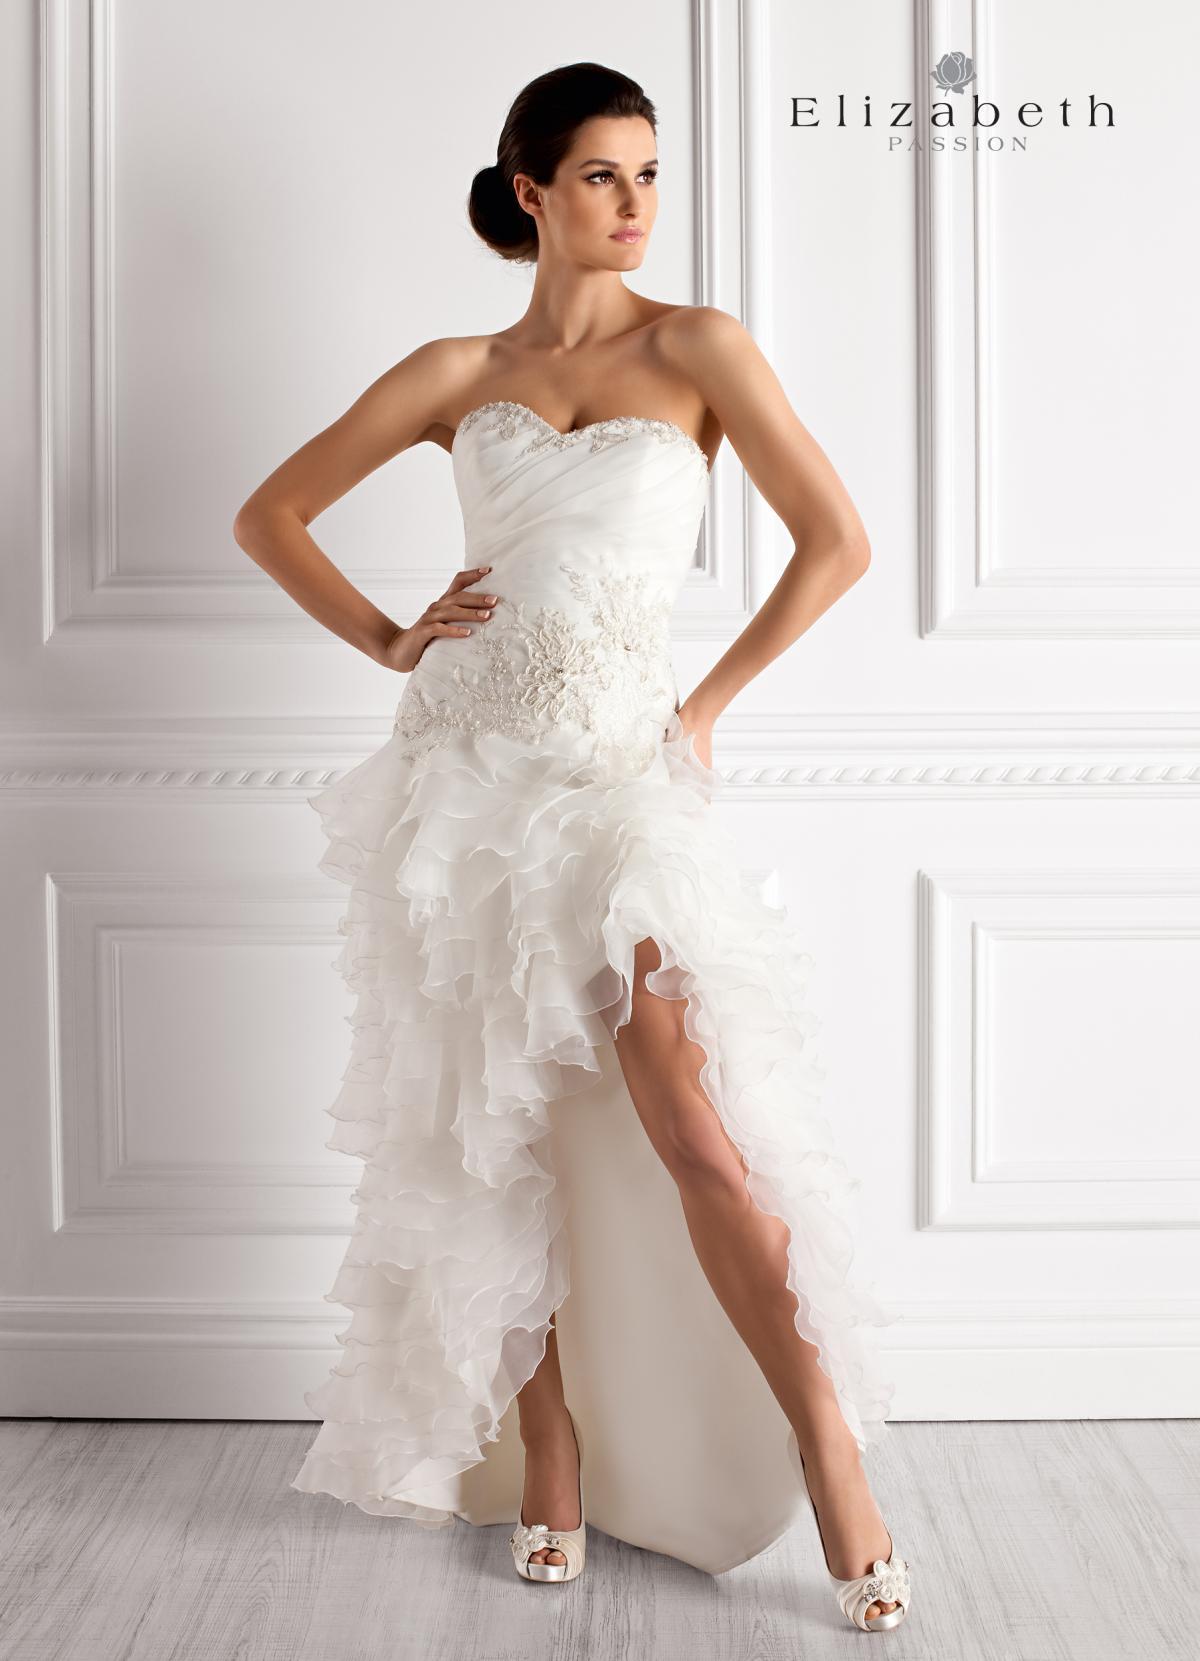 e46e7447a9 suknia ślubna Elizabeth Passion z falbankami asymetryczna - Krótkie ...